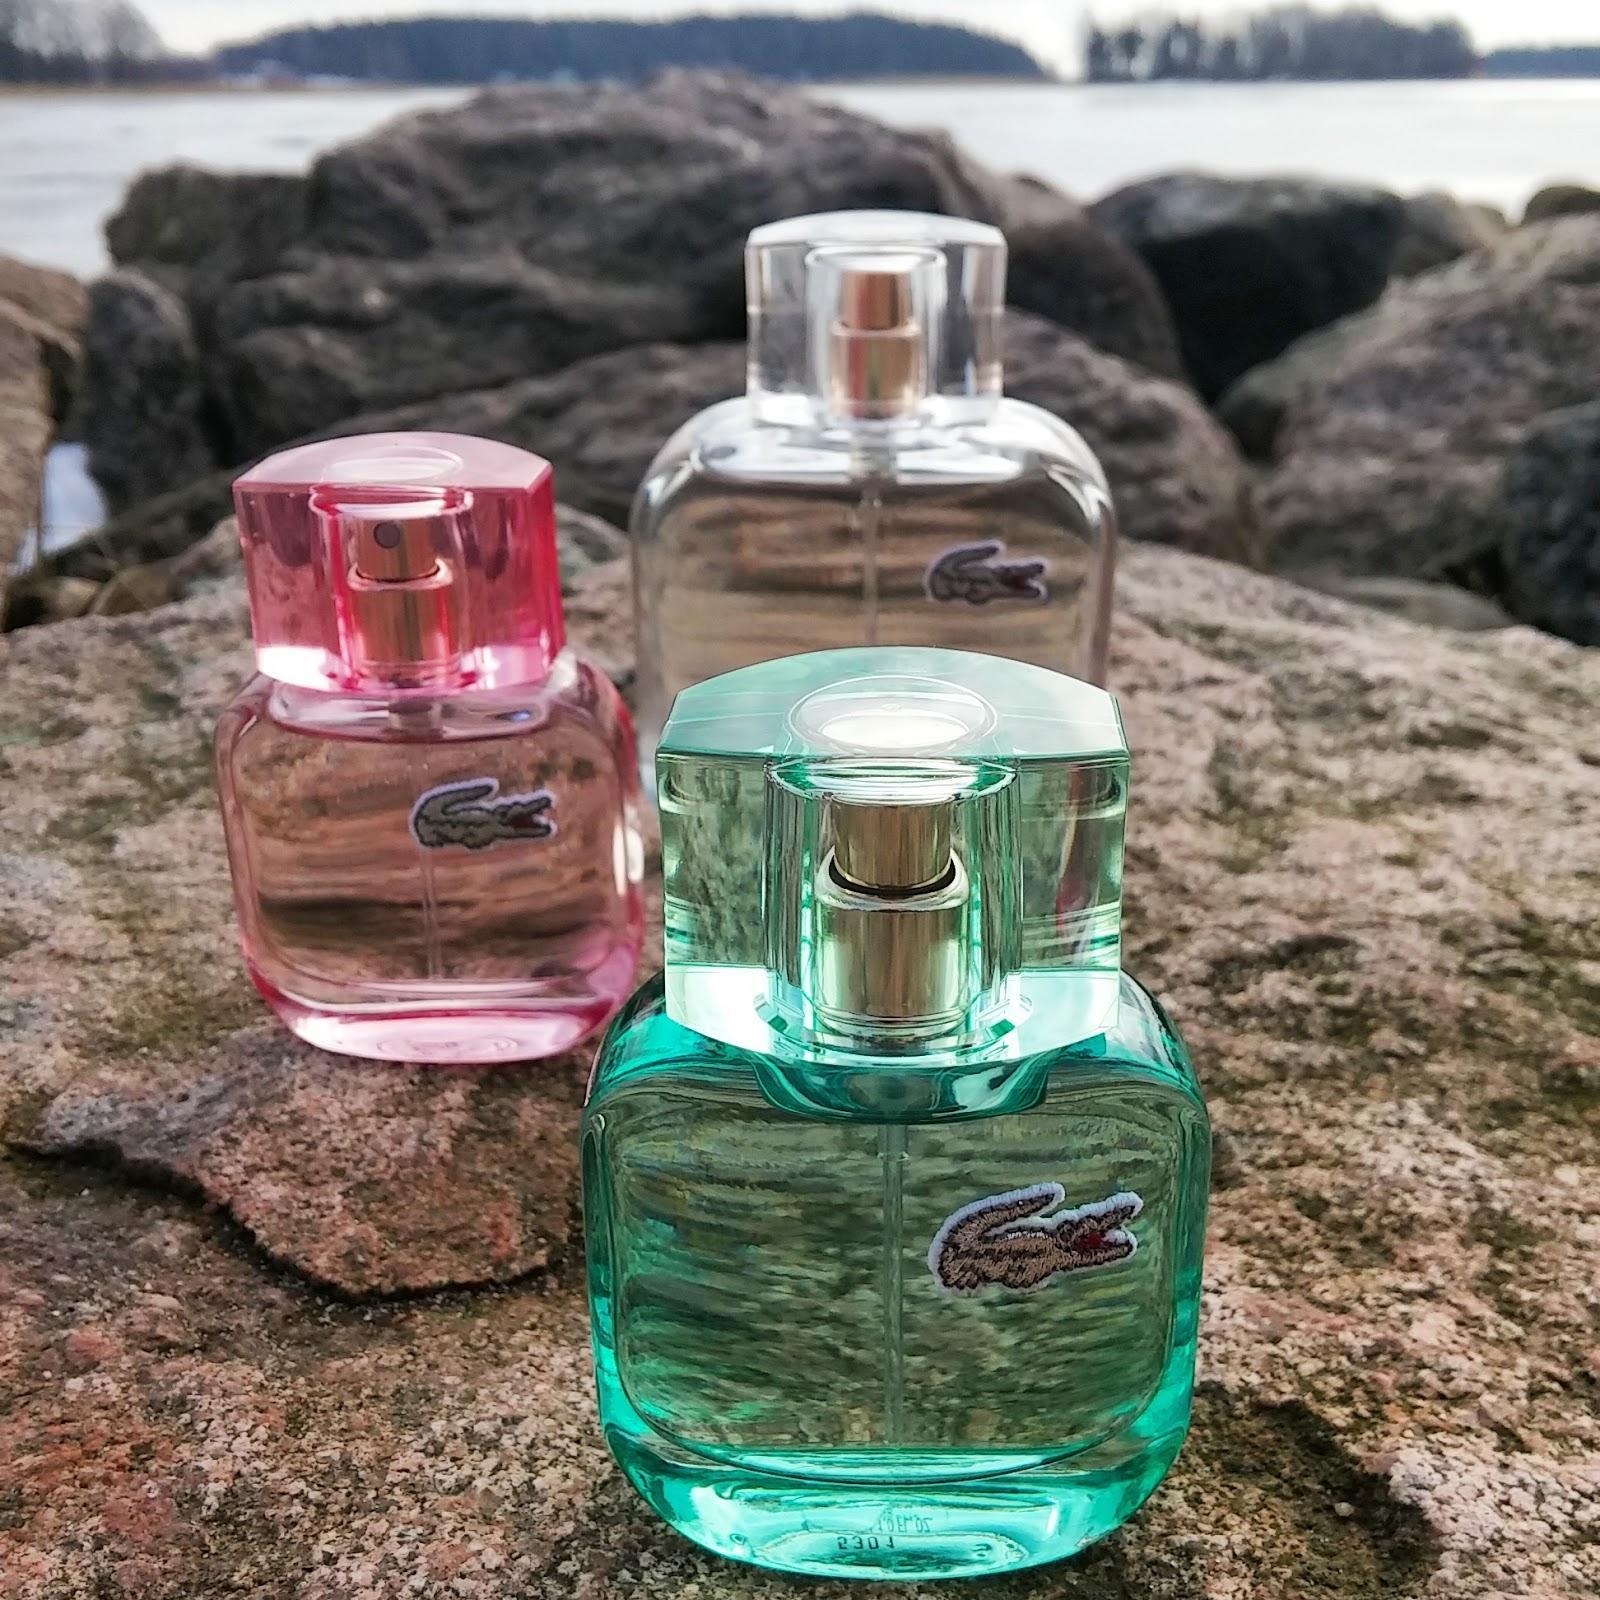 Blogi 2-vuotta ja arvonnassa hienostunut Lacoste L.12.12 POUR ELLE Natural tuoksu!